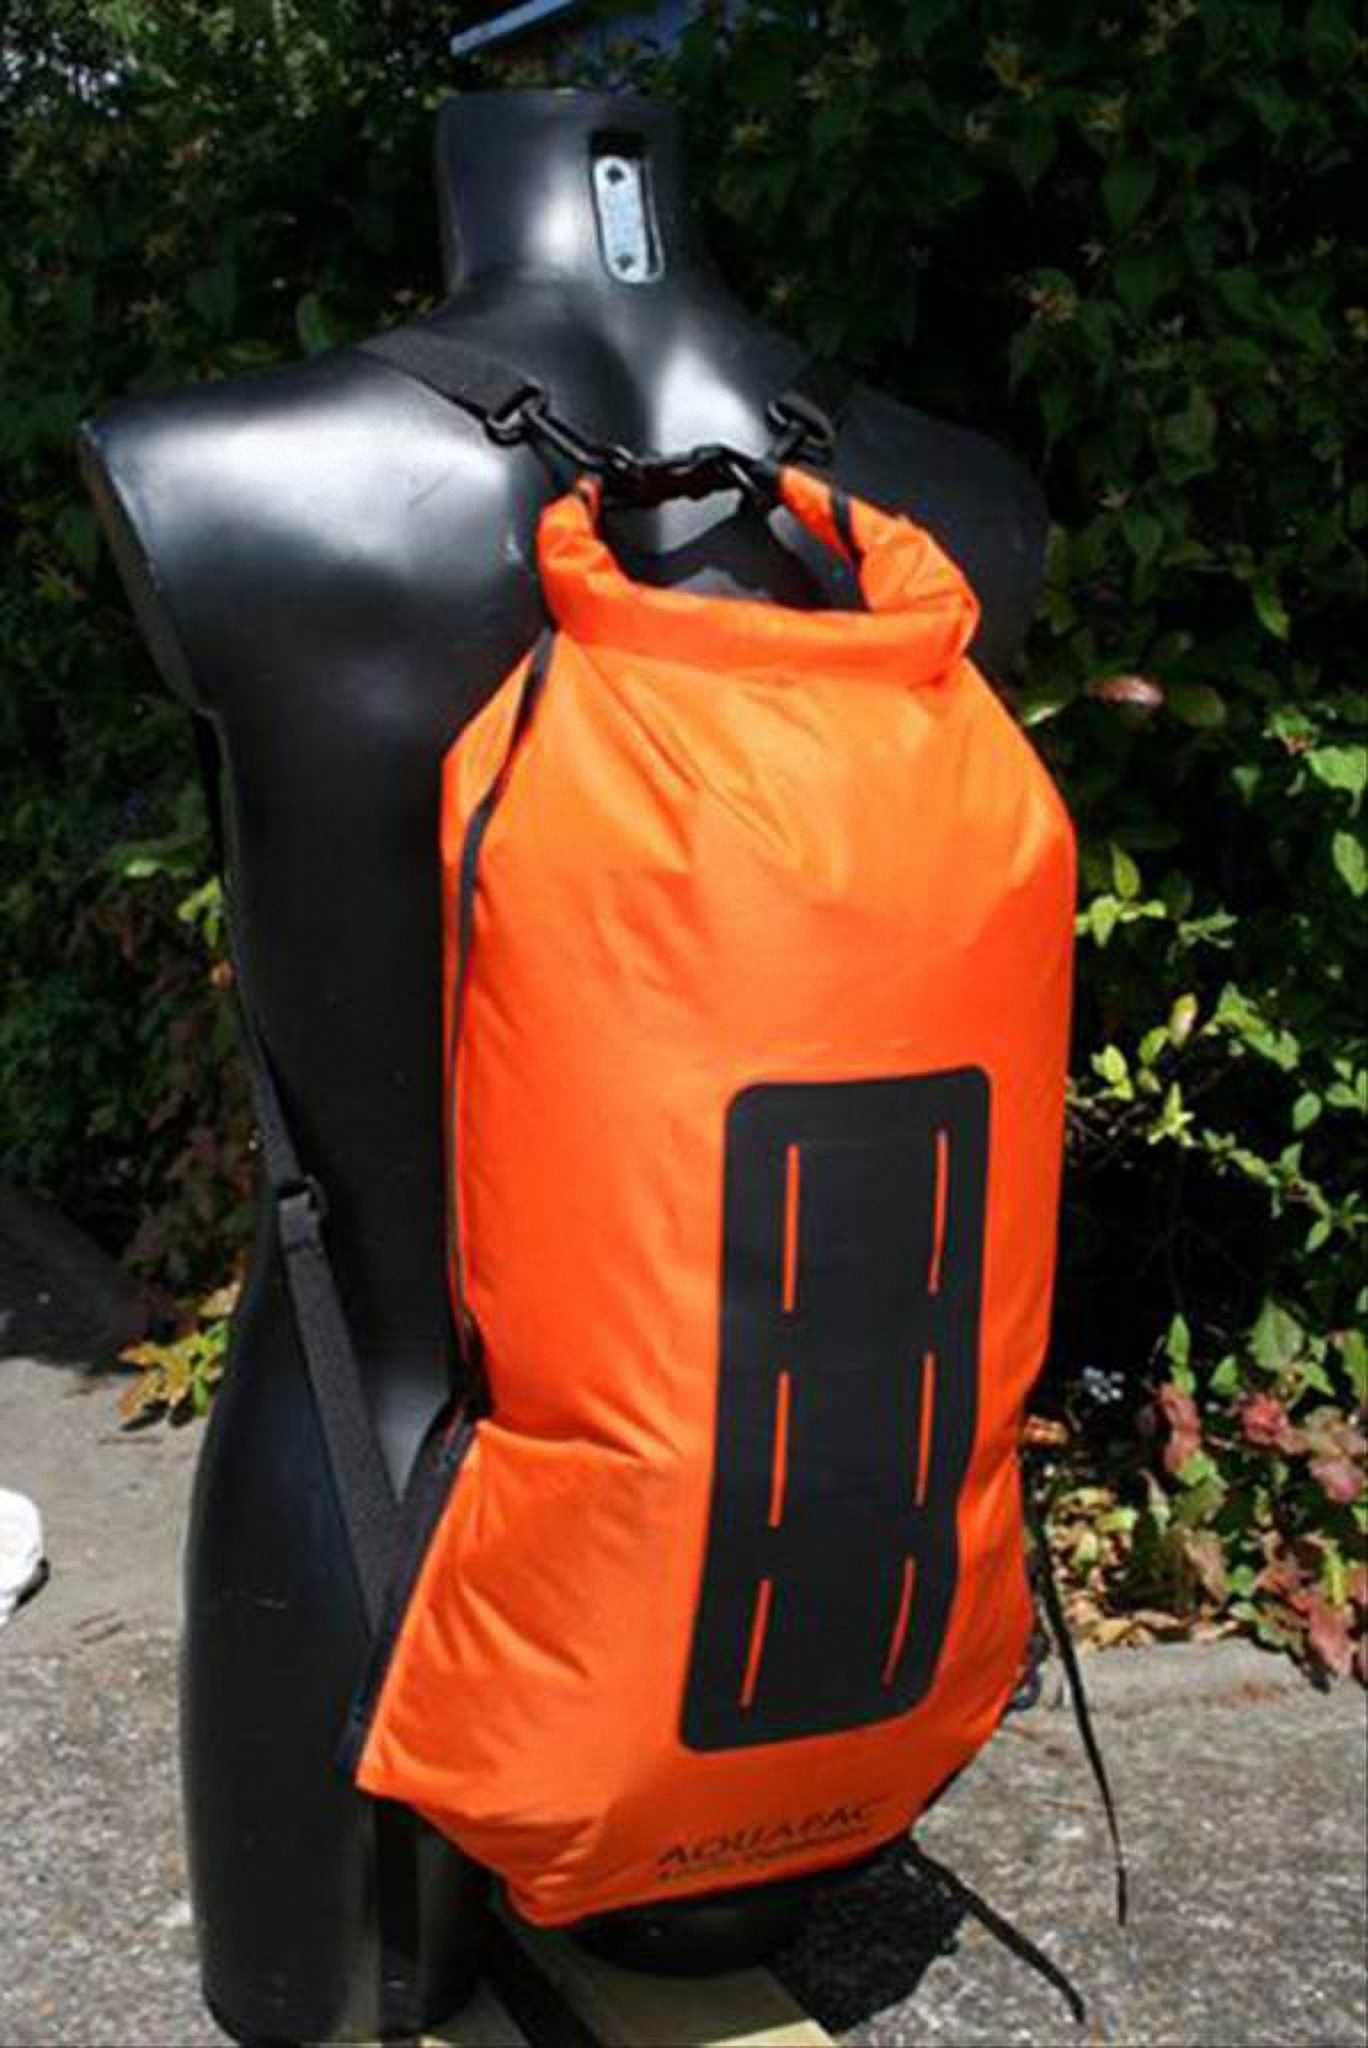 Водонепроницаемый гермомешок-рюкзак (с двумя плечевыми ремнями) Aquapac 771 - Noatak Wet & Drybag - 25L.. Aquapac - №1 в мире водонепроницаемых чехлов и сумок. Фото 2